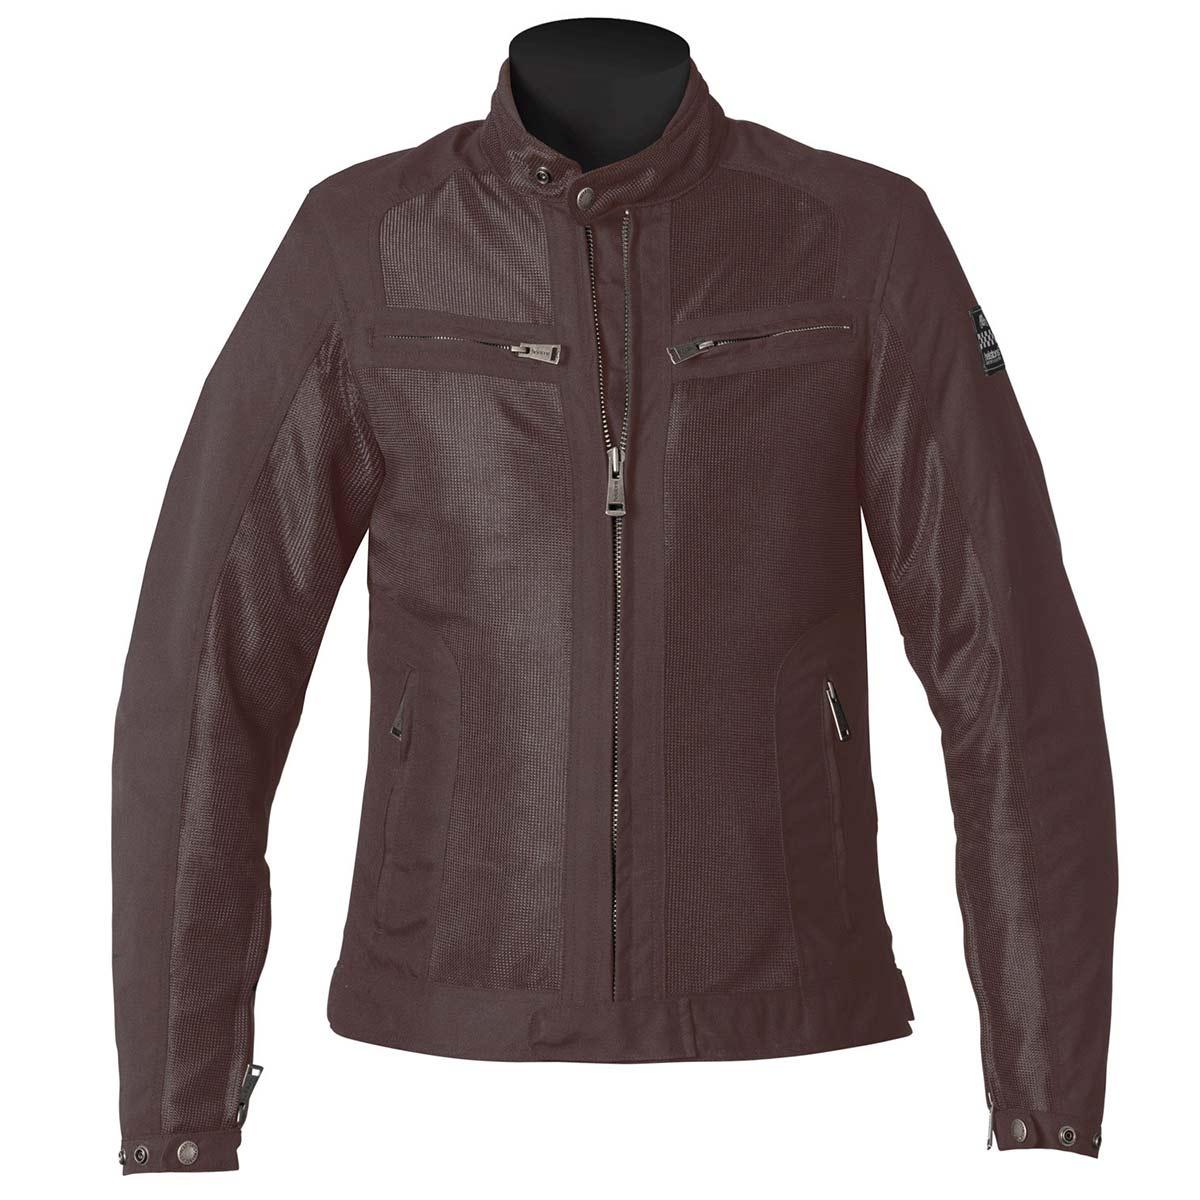 Helstons Spring Mesh Womens Jacket - Brown